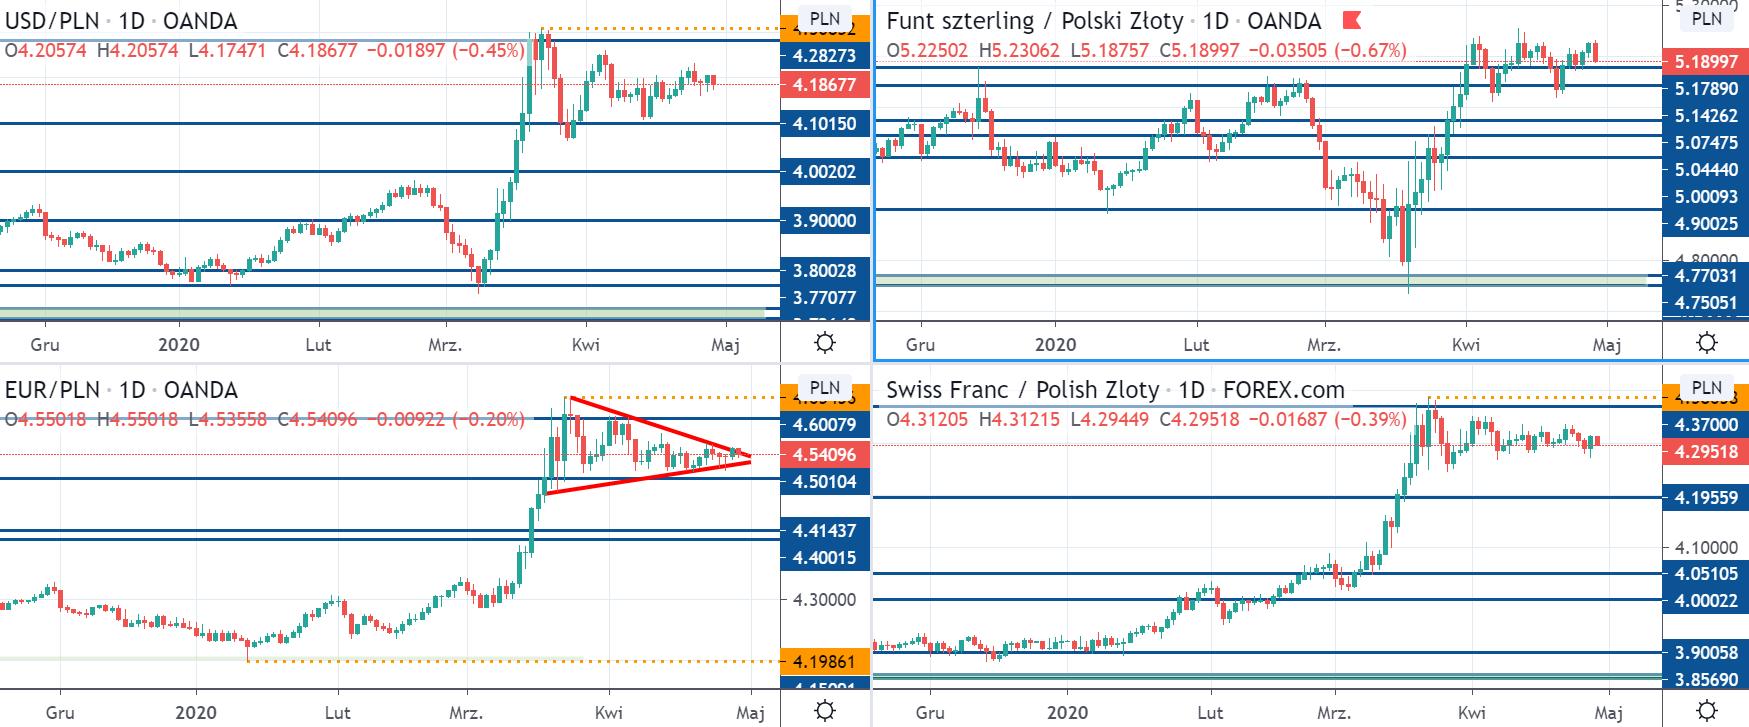 Kurs USDPLN, EURPLN, CHFPLN i GBPPLN na interwale dziennym, tradingviewcom